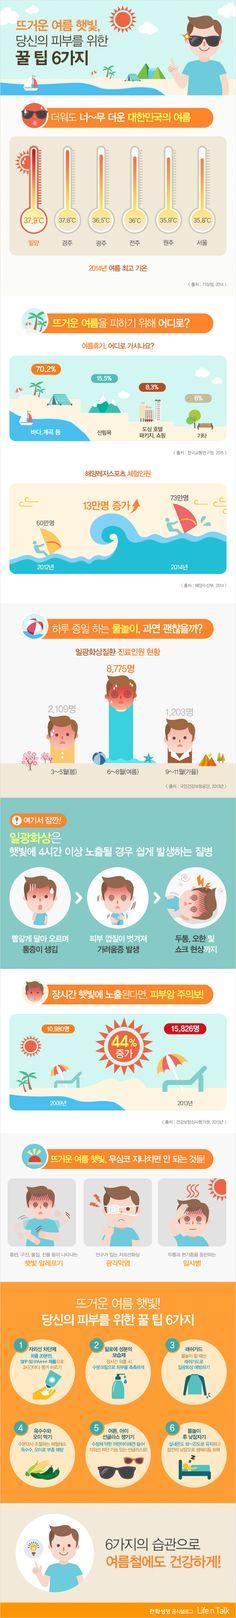 뜨거운 여름 햇빛, 당신의 피부를 위한 꿀팁 6가지에 관한 인포그래픽